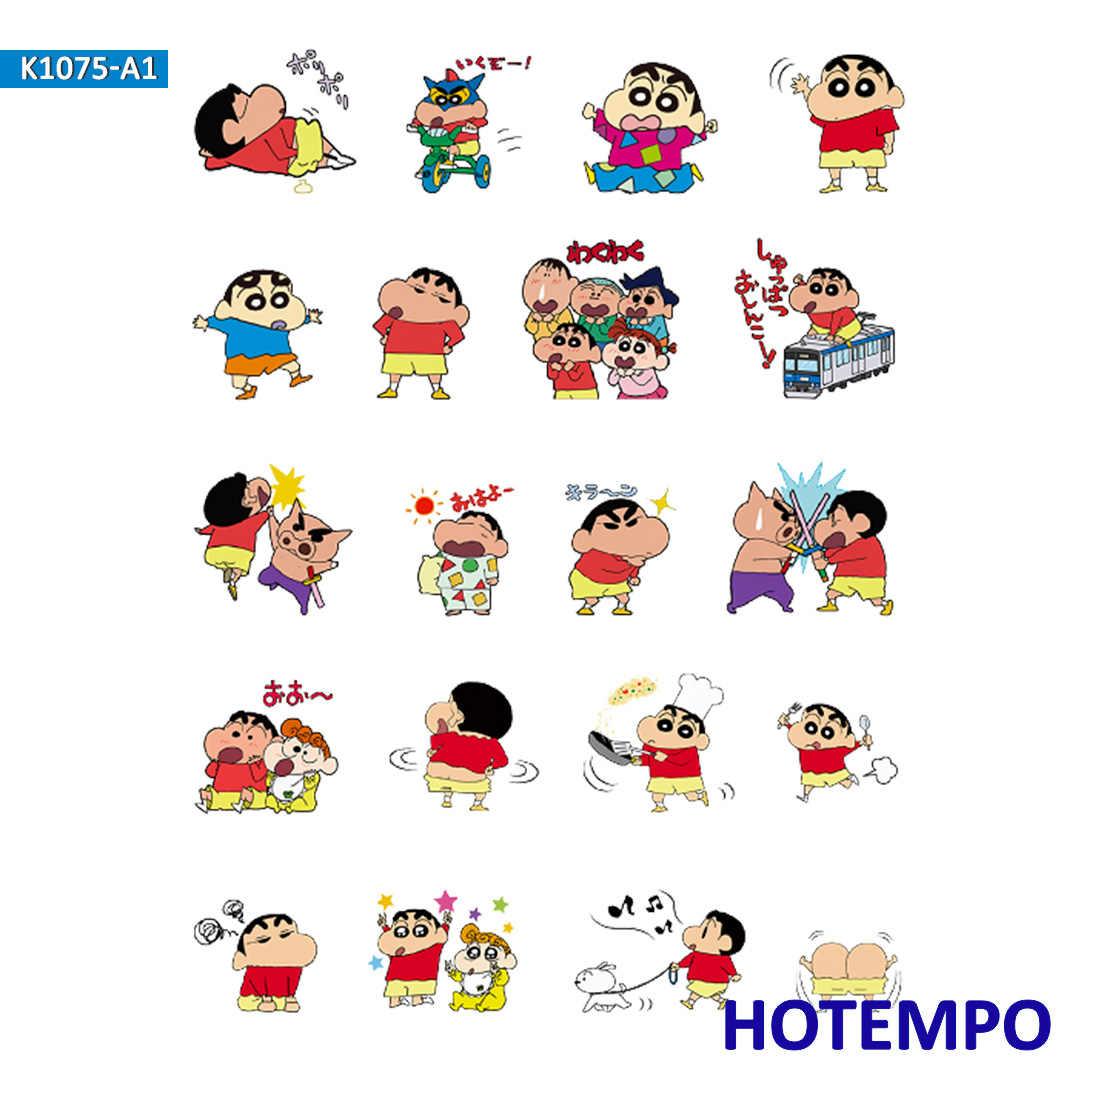 Hotempo anime shin-chan dos desenhos animados pvc adesivos à prova ddiy água crianças diy carta diário scrapbooking pegatinas adesivos